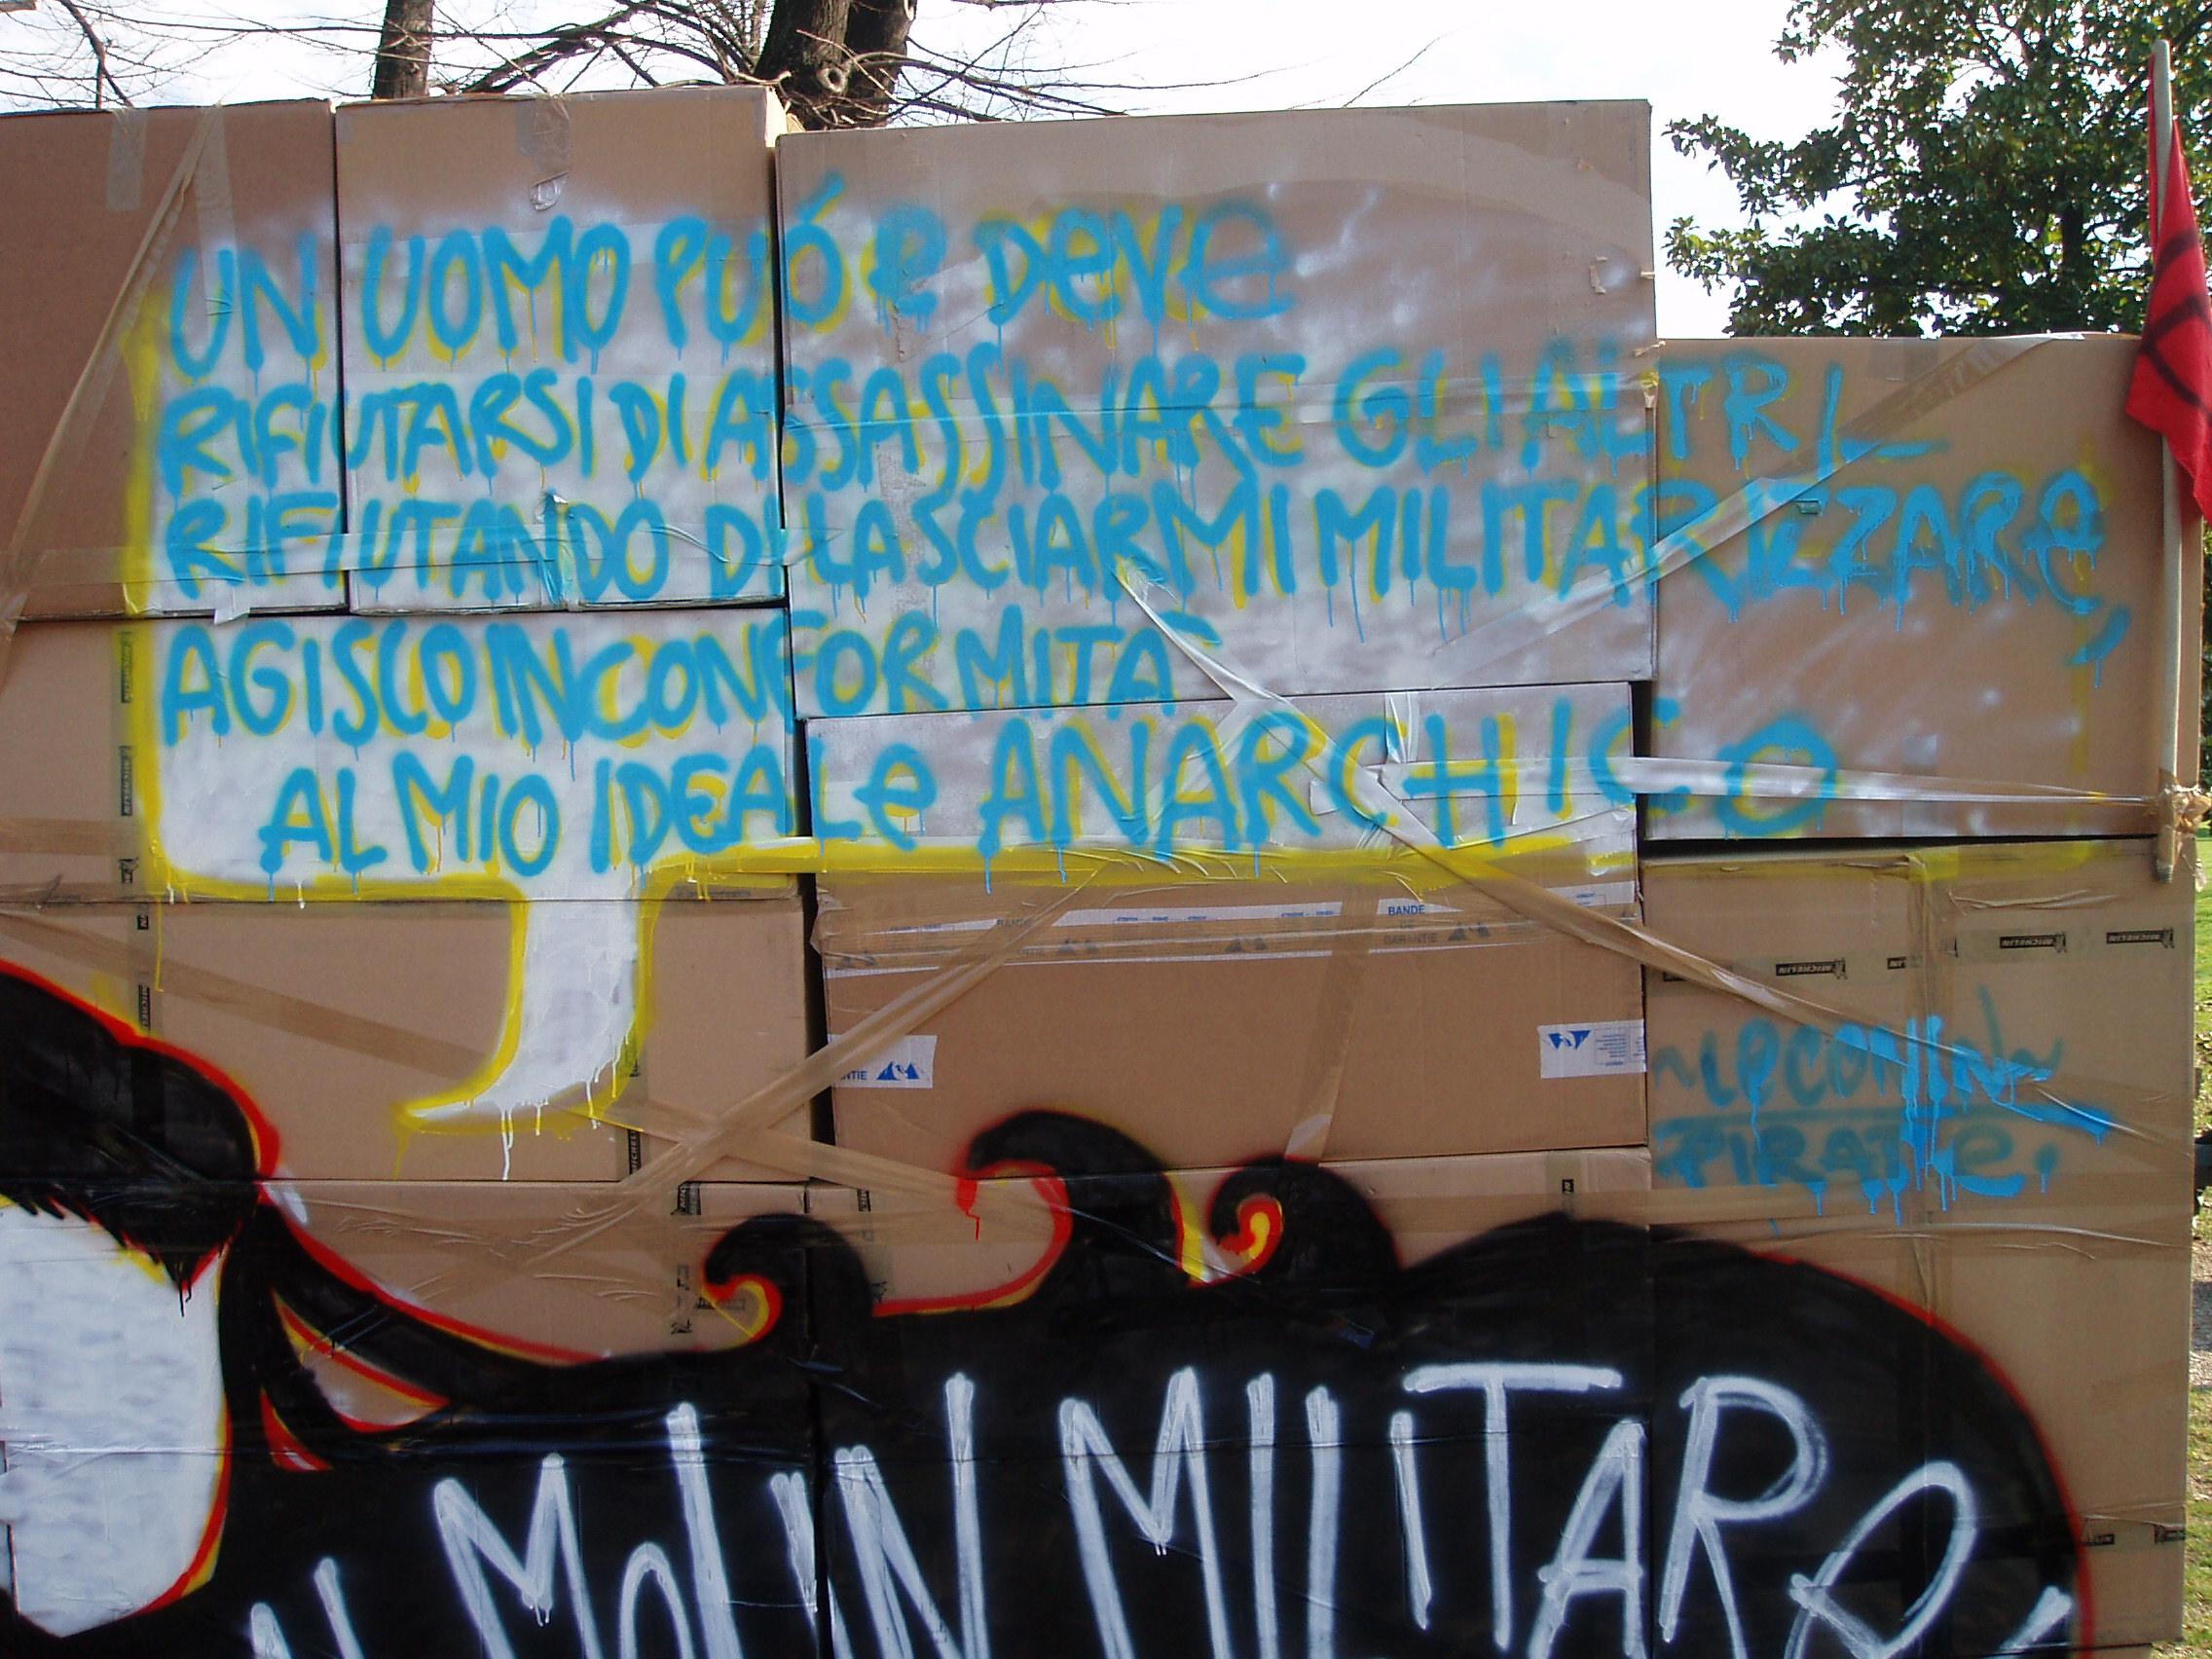 scatole di cartone muri autoprodotti pirate manifestazione 17 febbraio 2007 diciasette febbraio duemilaesette lavoro